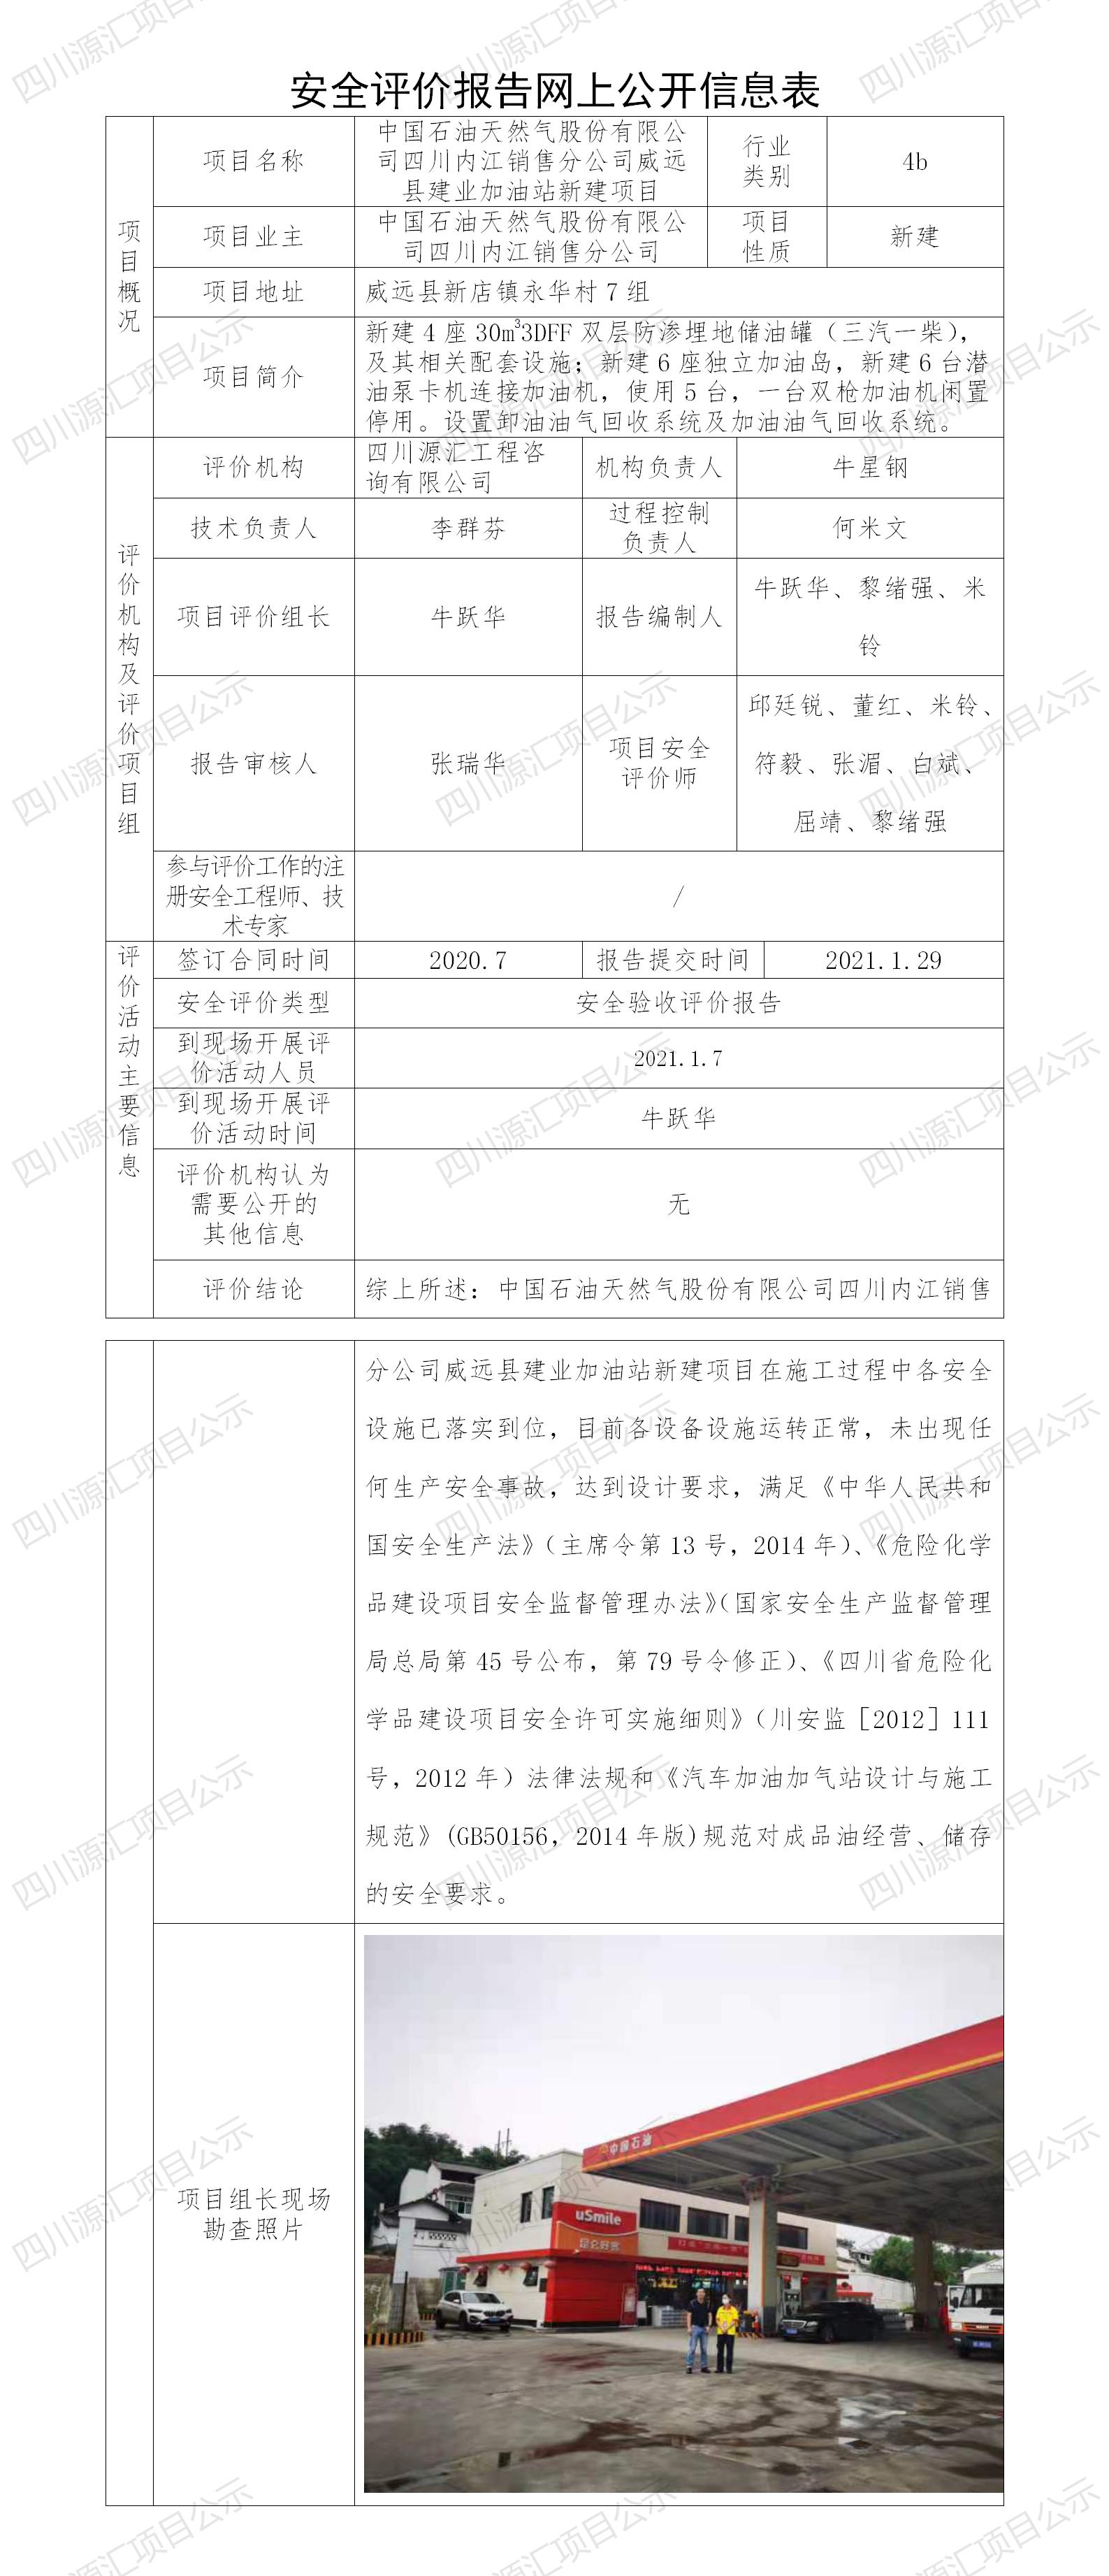 中国石油天然气股份有限公司四川内江销售分公司威远县建业加油站新建项目.png